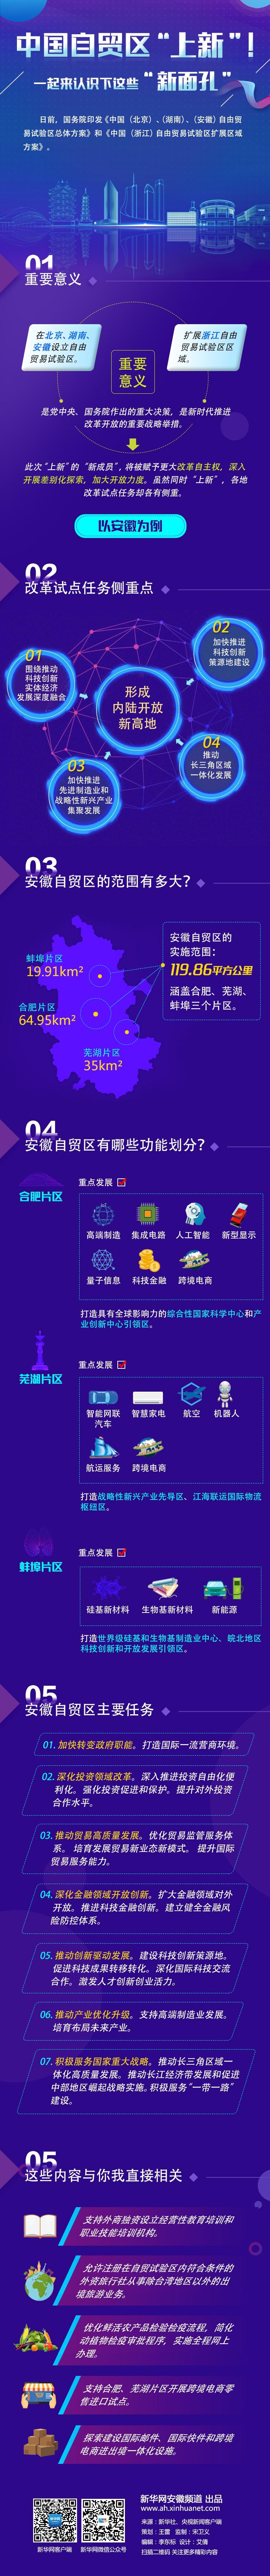 """中国自贸区""""上新""""!一起来认识下这些""""新面孔""""图片"""